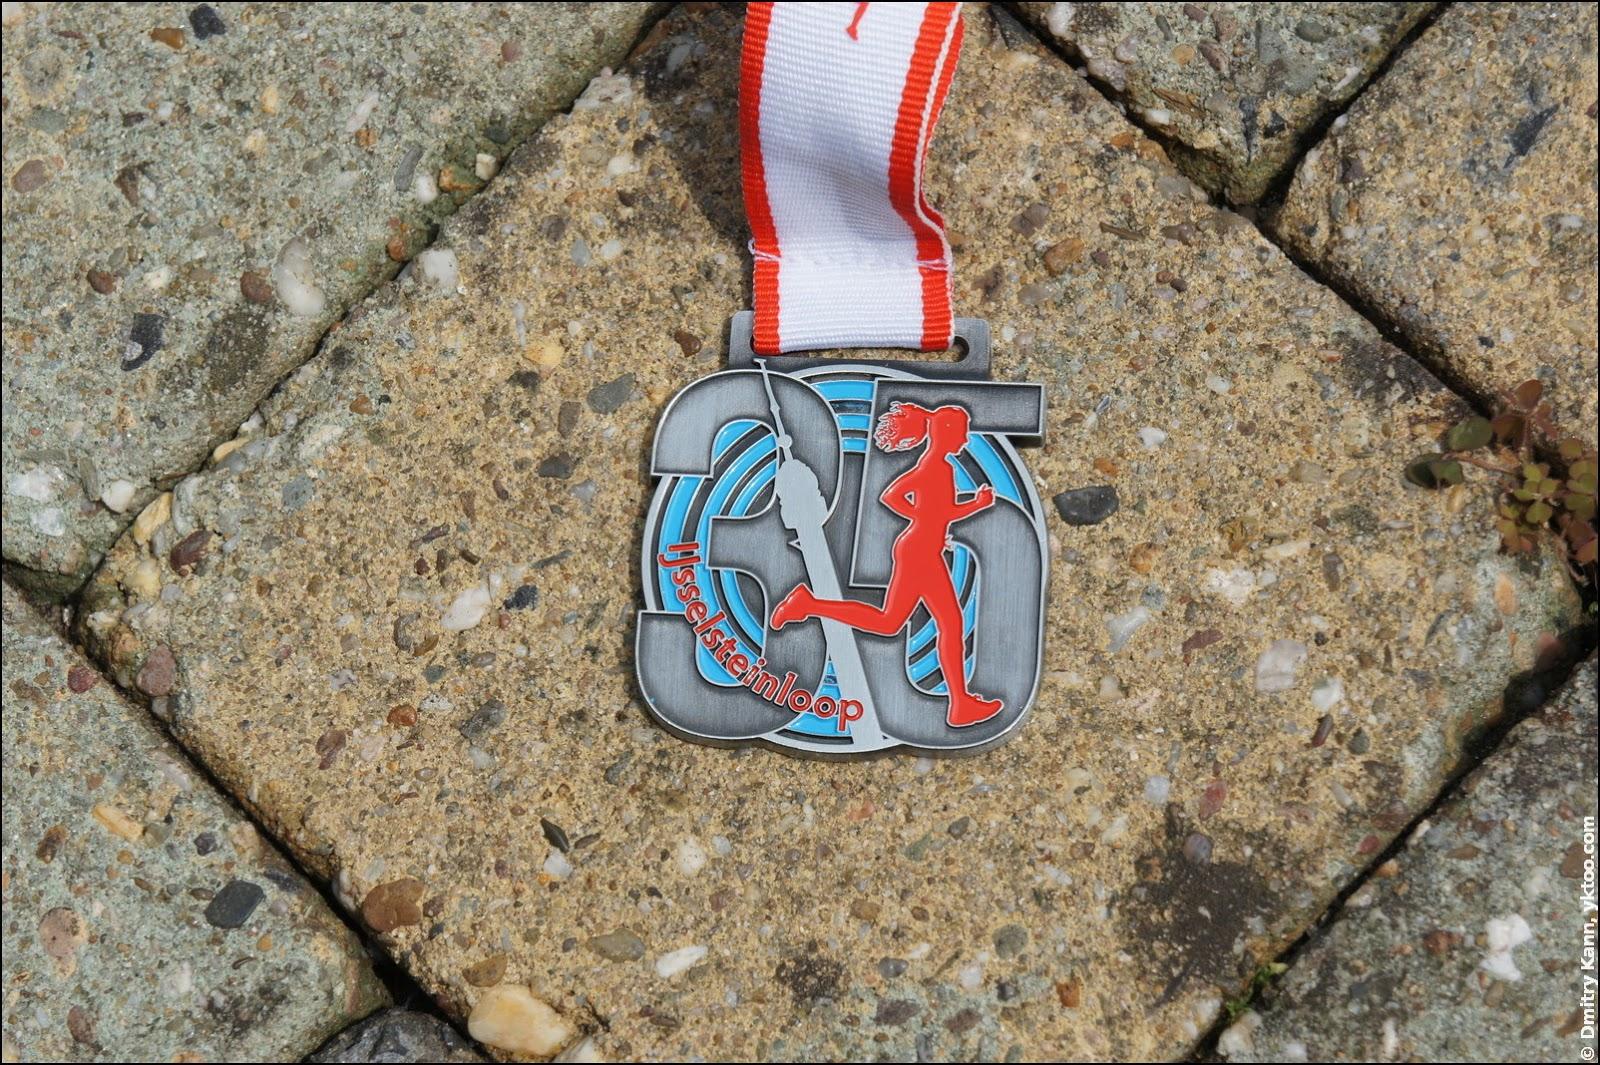 Ijsselsteinloop medal.